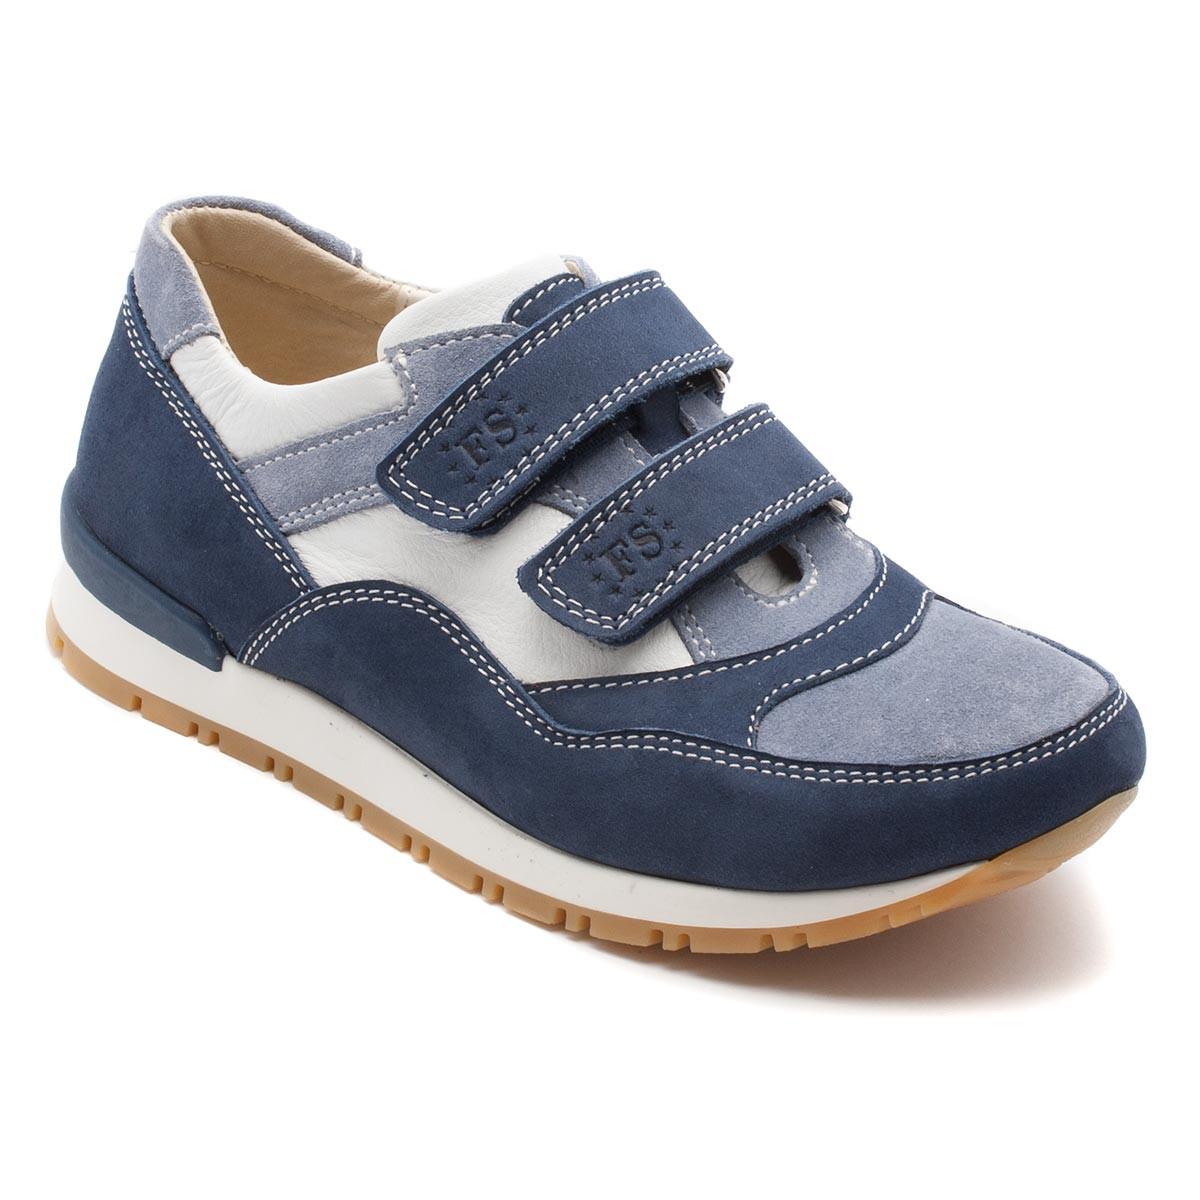 Кожаные FS Сollection кроссовки для мальчиков, размер 27-35